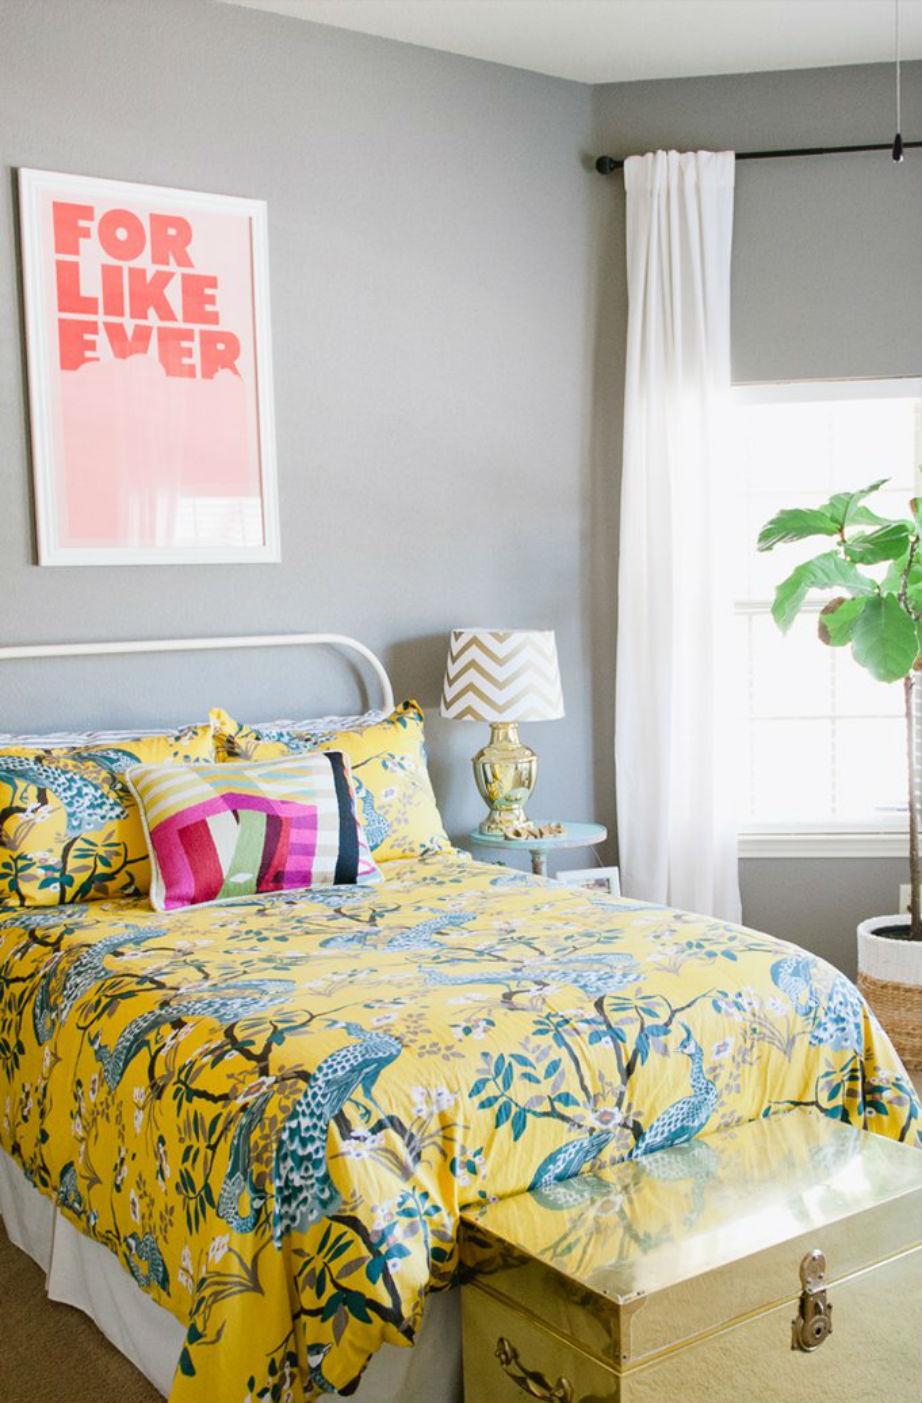 Το δεύτερο υπνοδωμάτιο του διαμερίσματος είναι πολύ χρωματιστό!